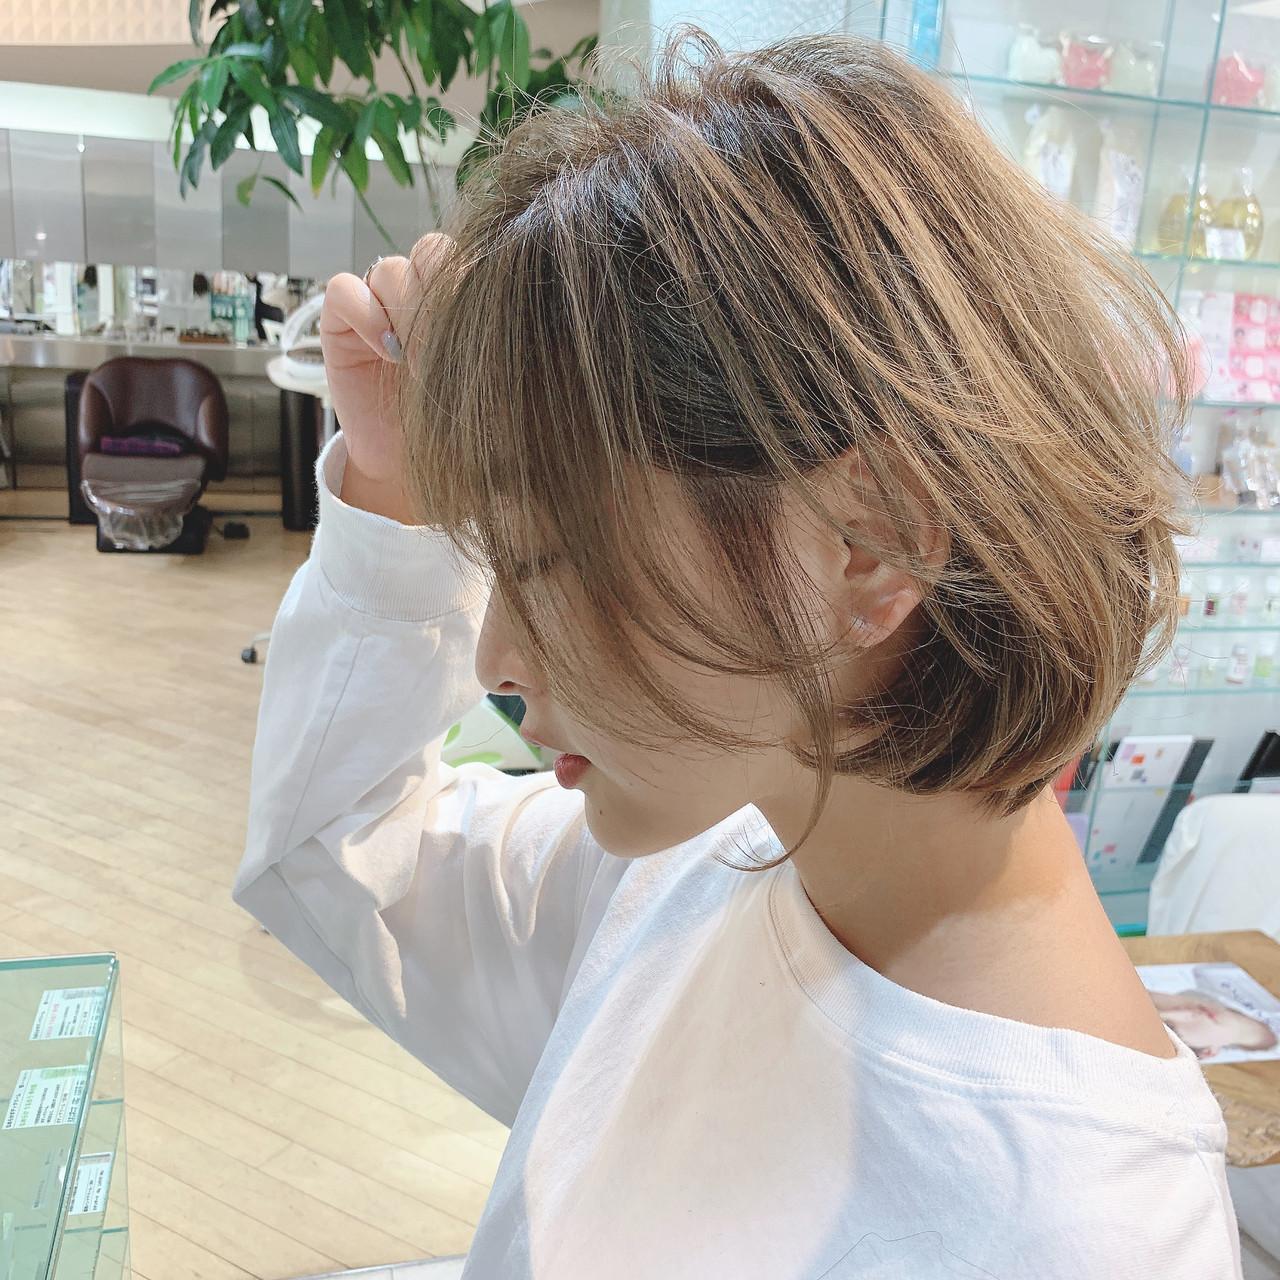 ナチュラル可愛い ゆるふわ 横顔美人 フェミニン ヘアスタイルや髪型の写真・画像